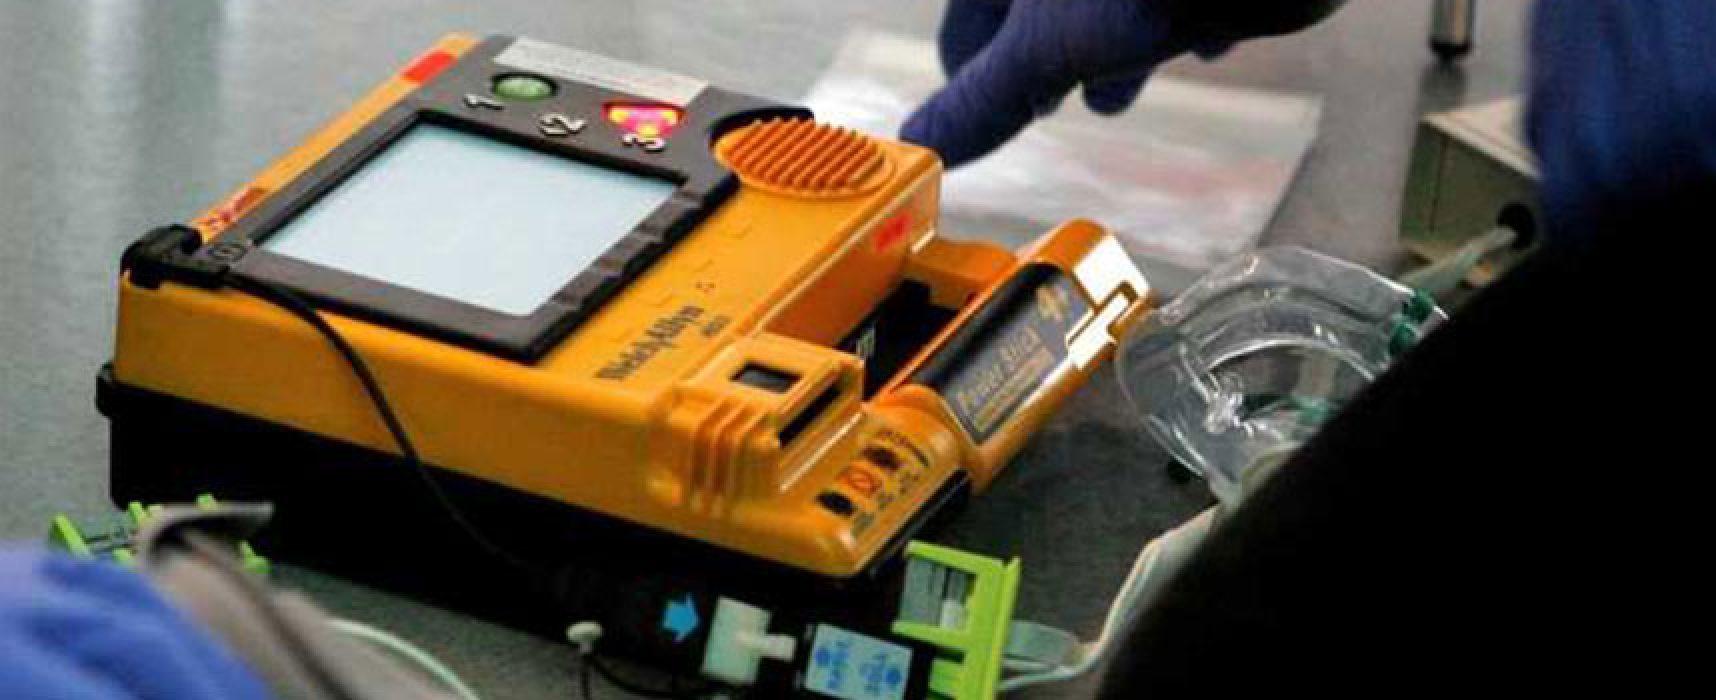 A Bisceglie nuovo defibrillatore a disposizione dei cittadini, una App e altri servizi